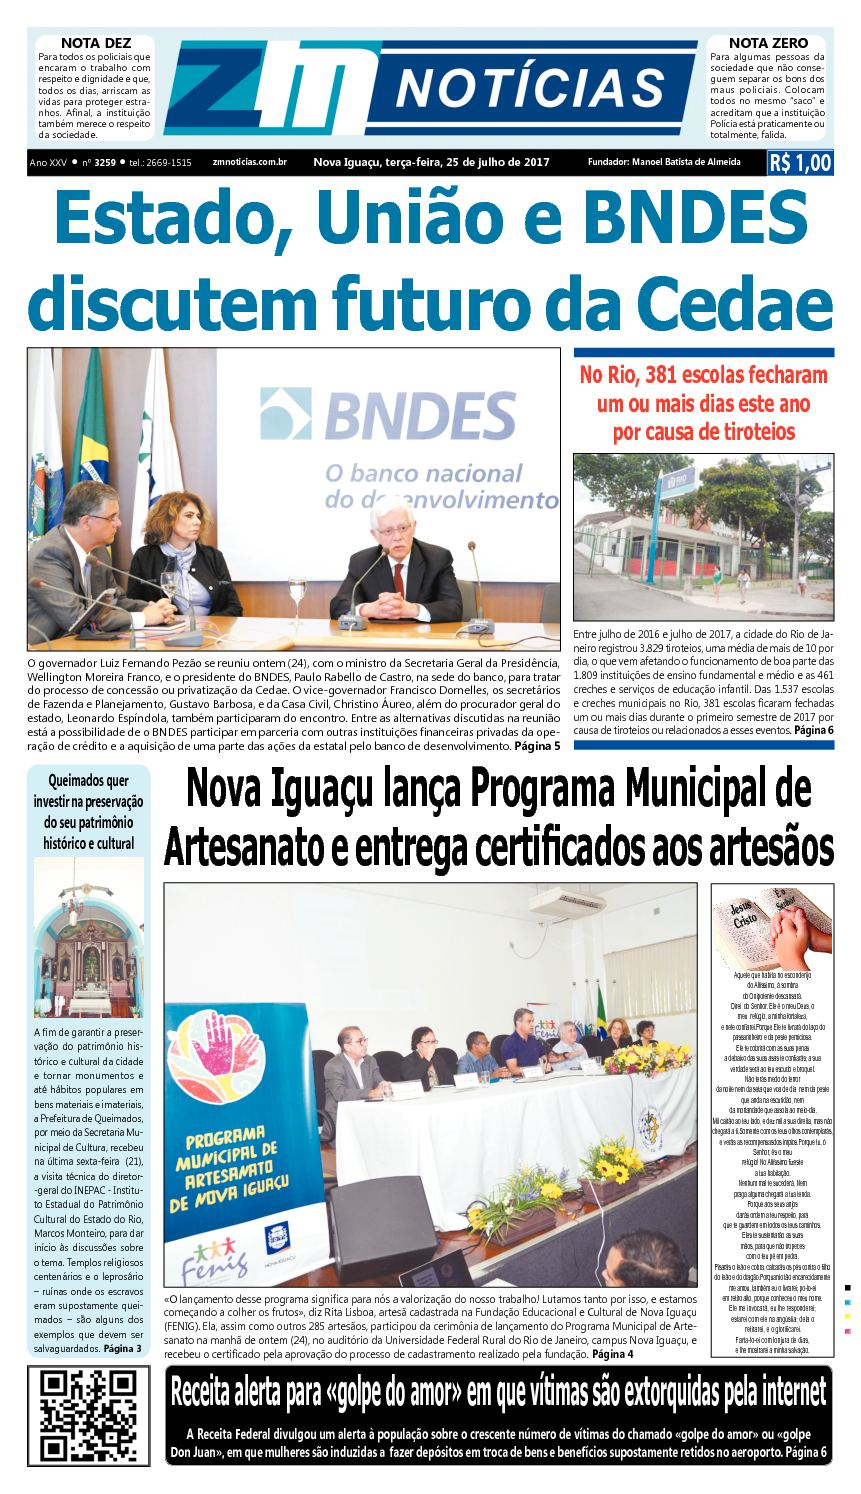 ZM Noticias - Edição 250717